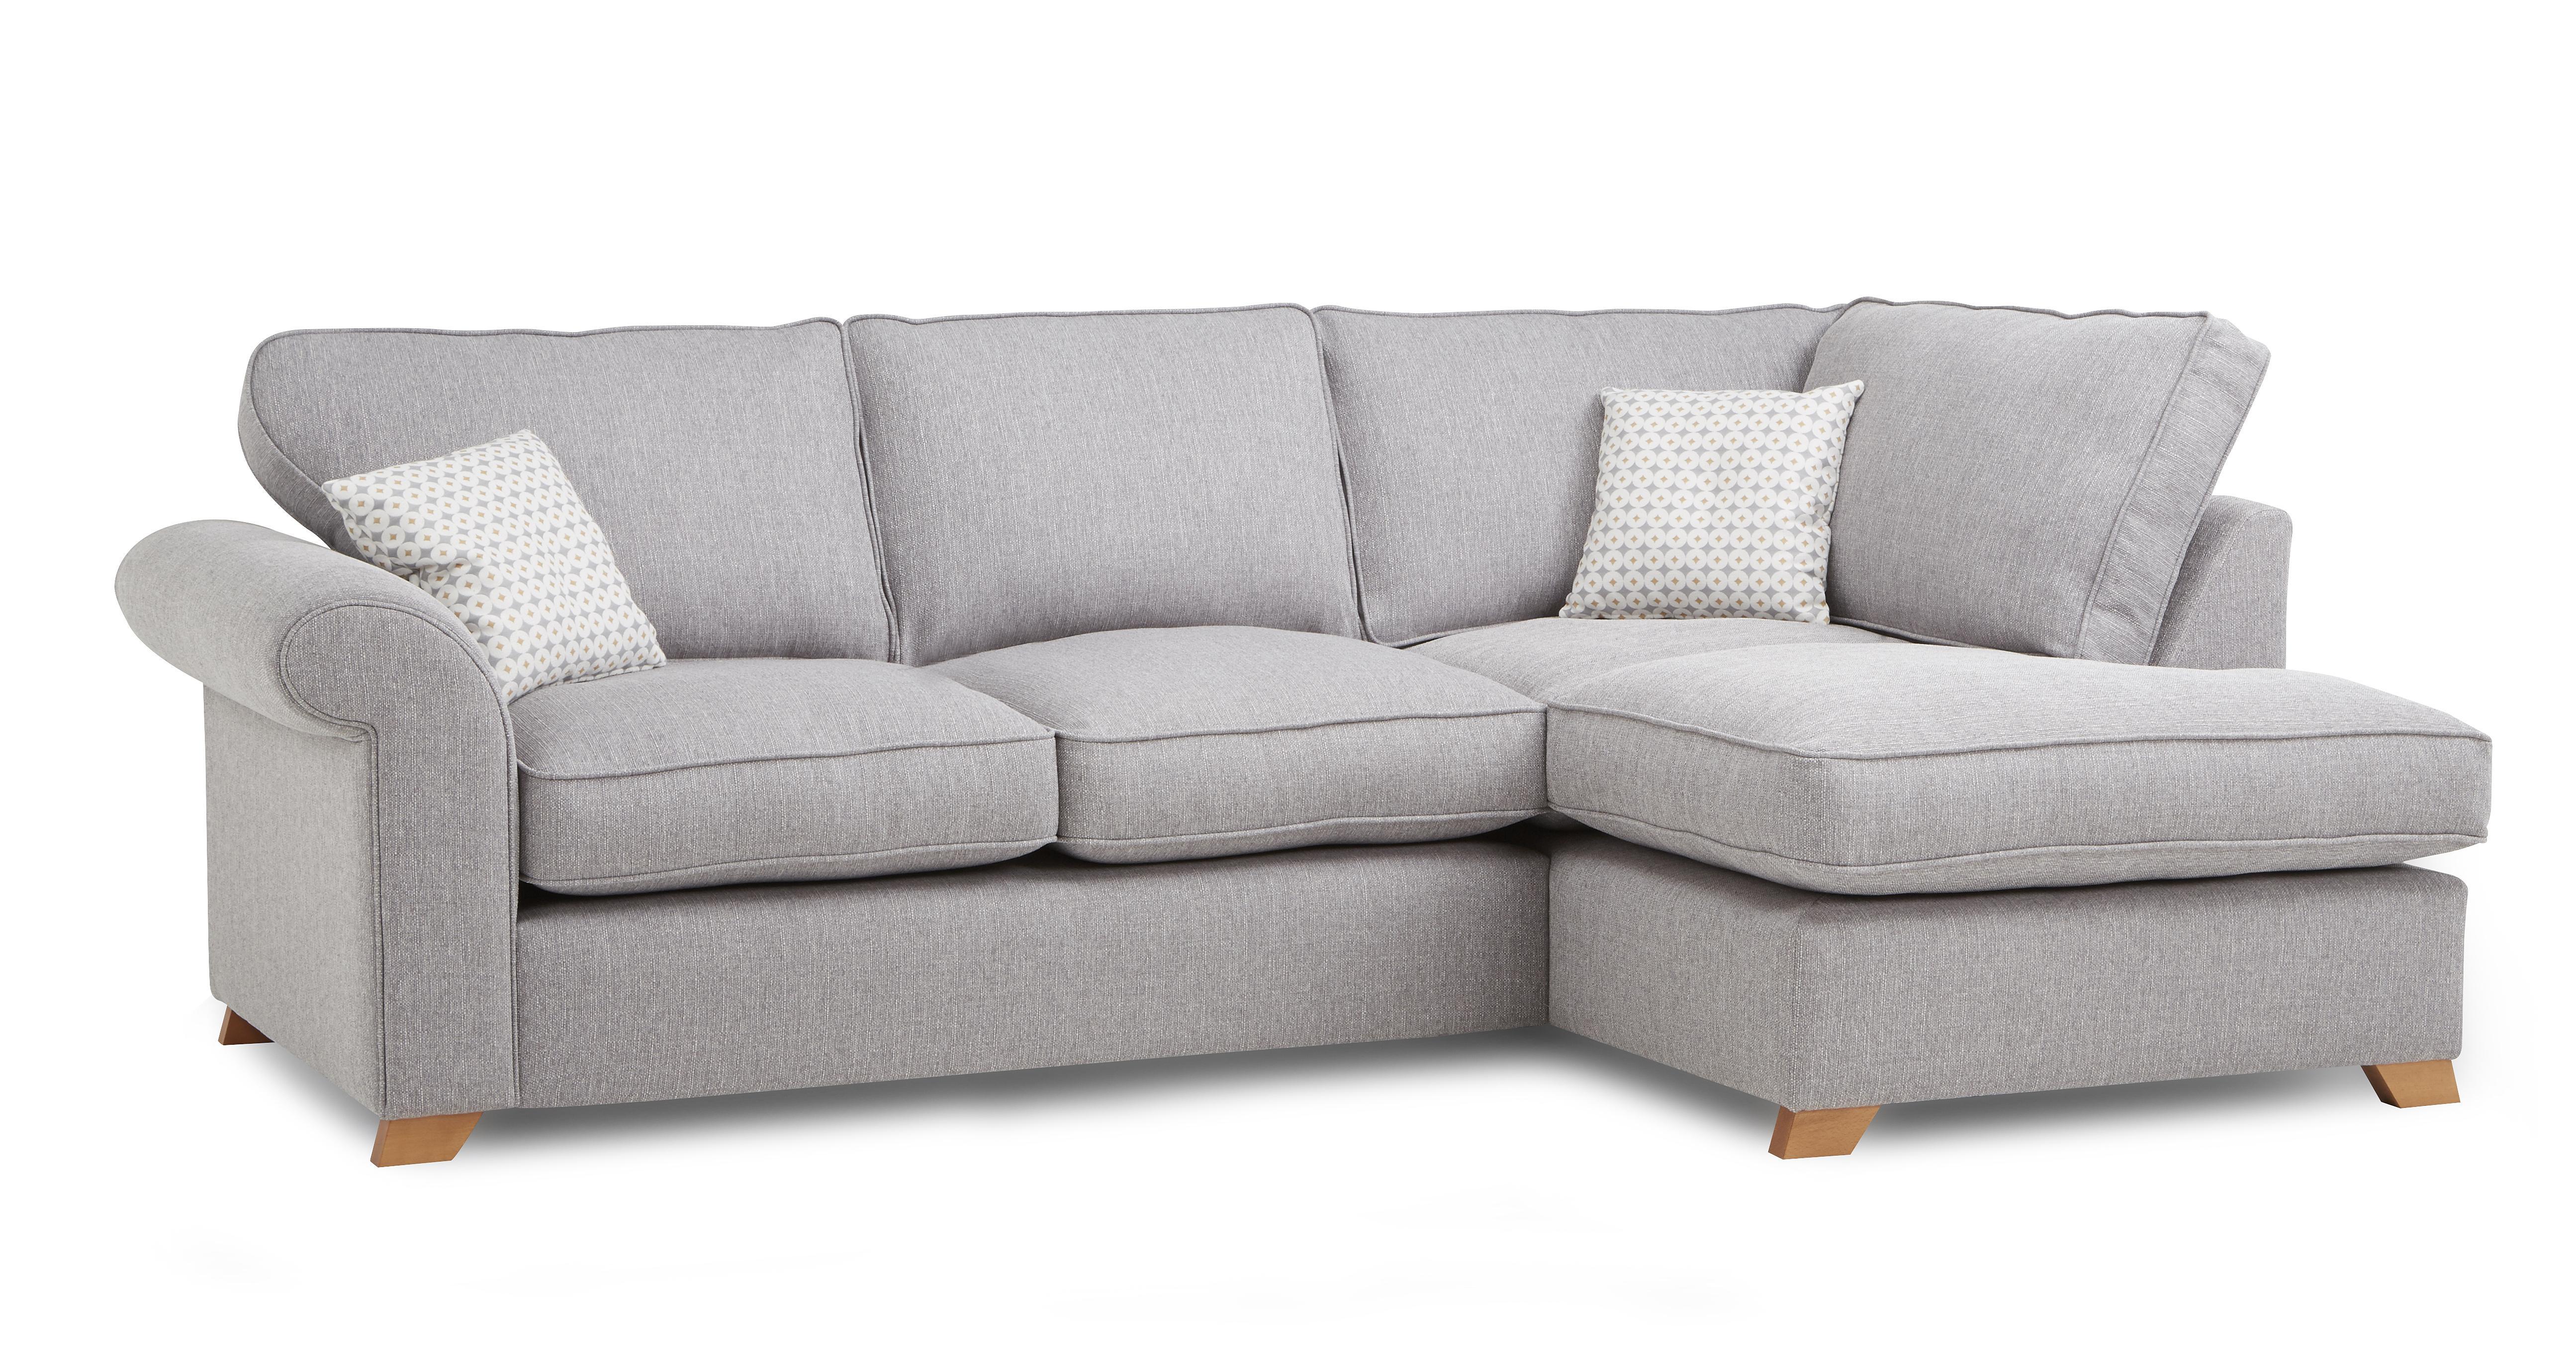 Angelic Left Arm Facing Corner Deluxe Sofa Bed